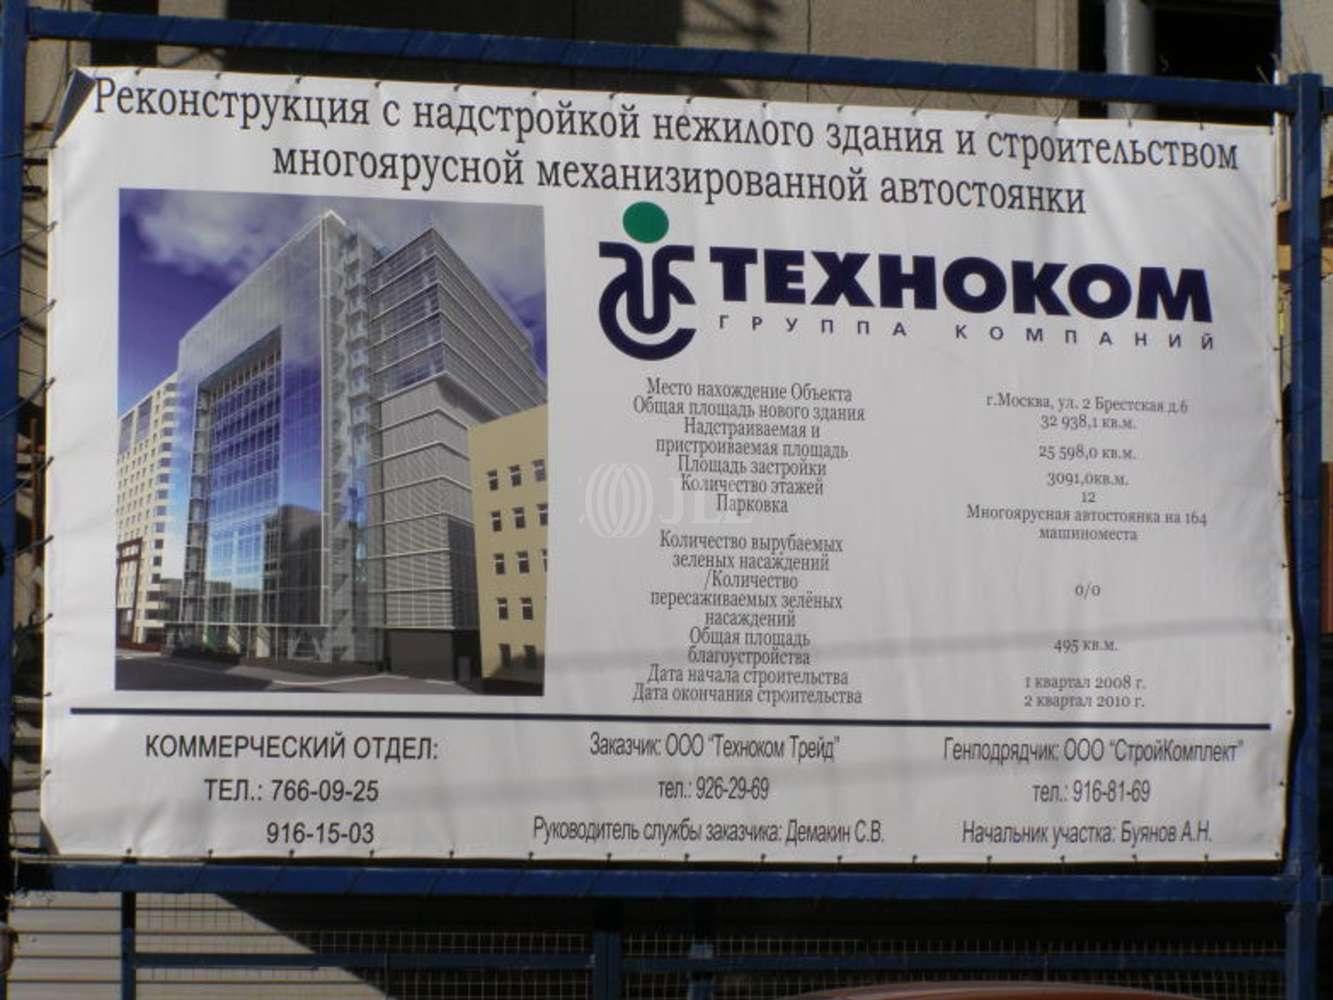 Офисная недвижимость Москва - Центр Современной Архитектуры